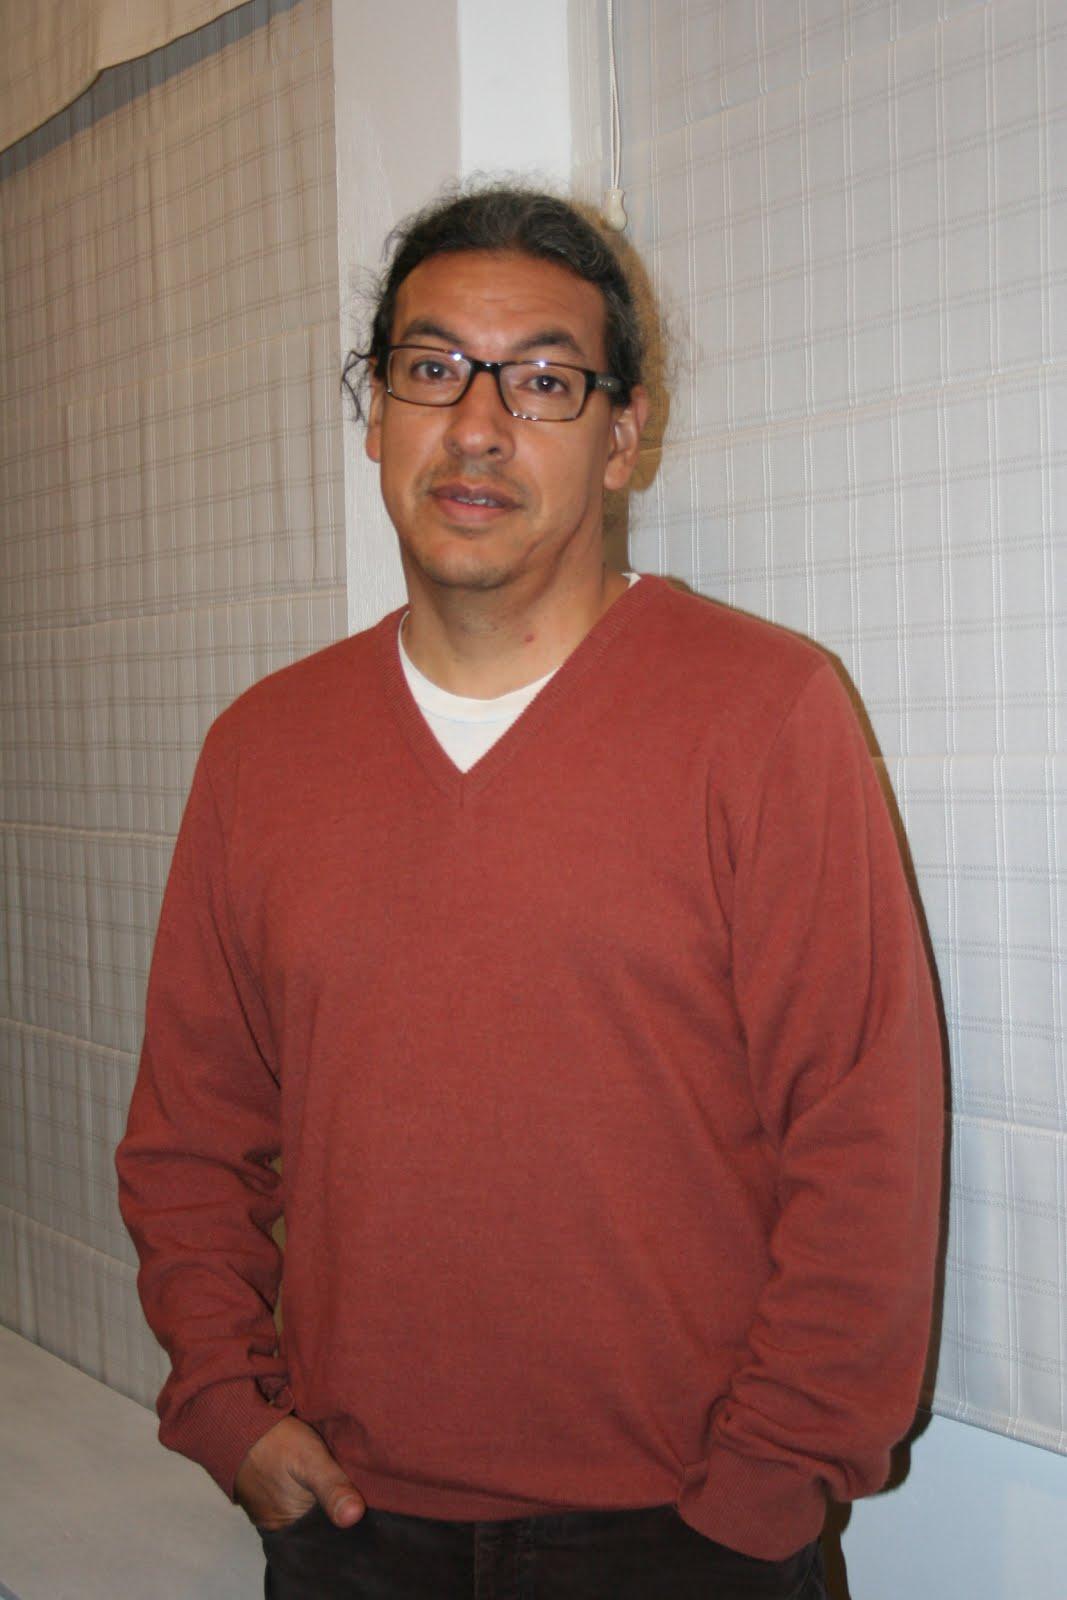 Gustavo Abad